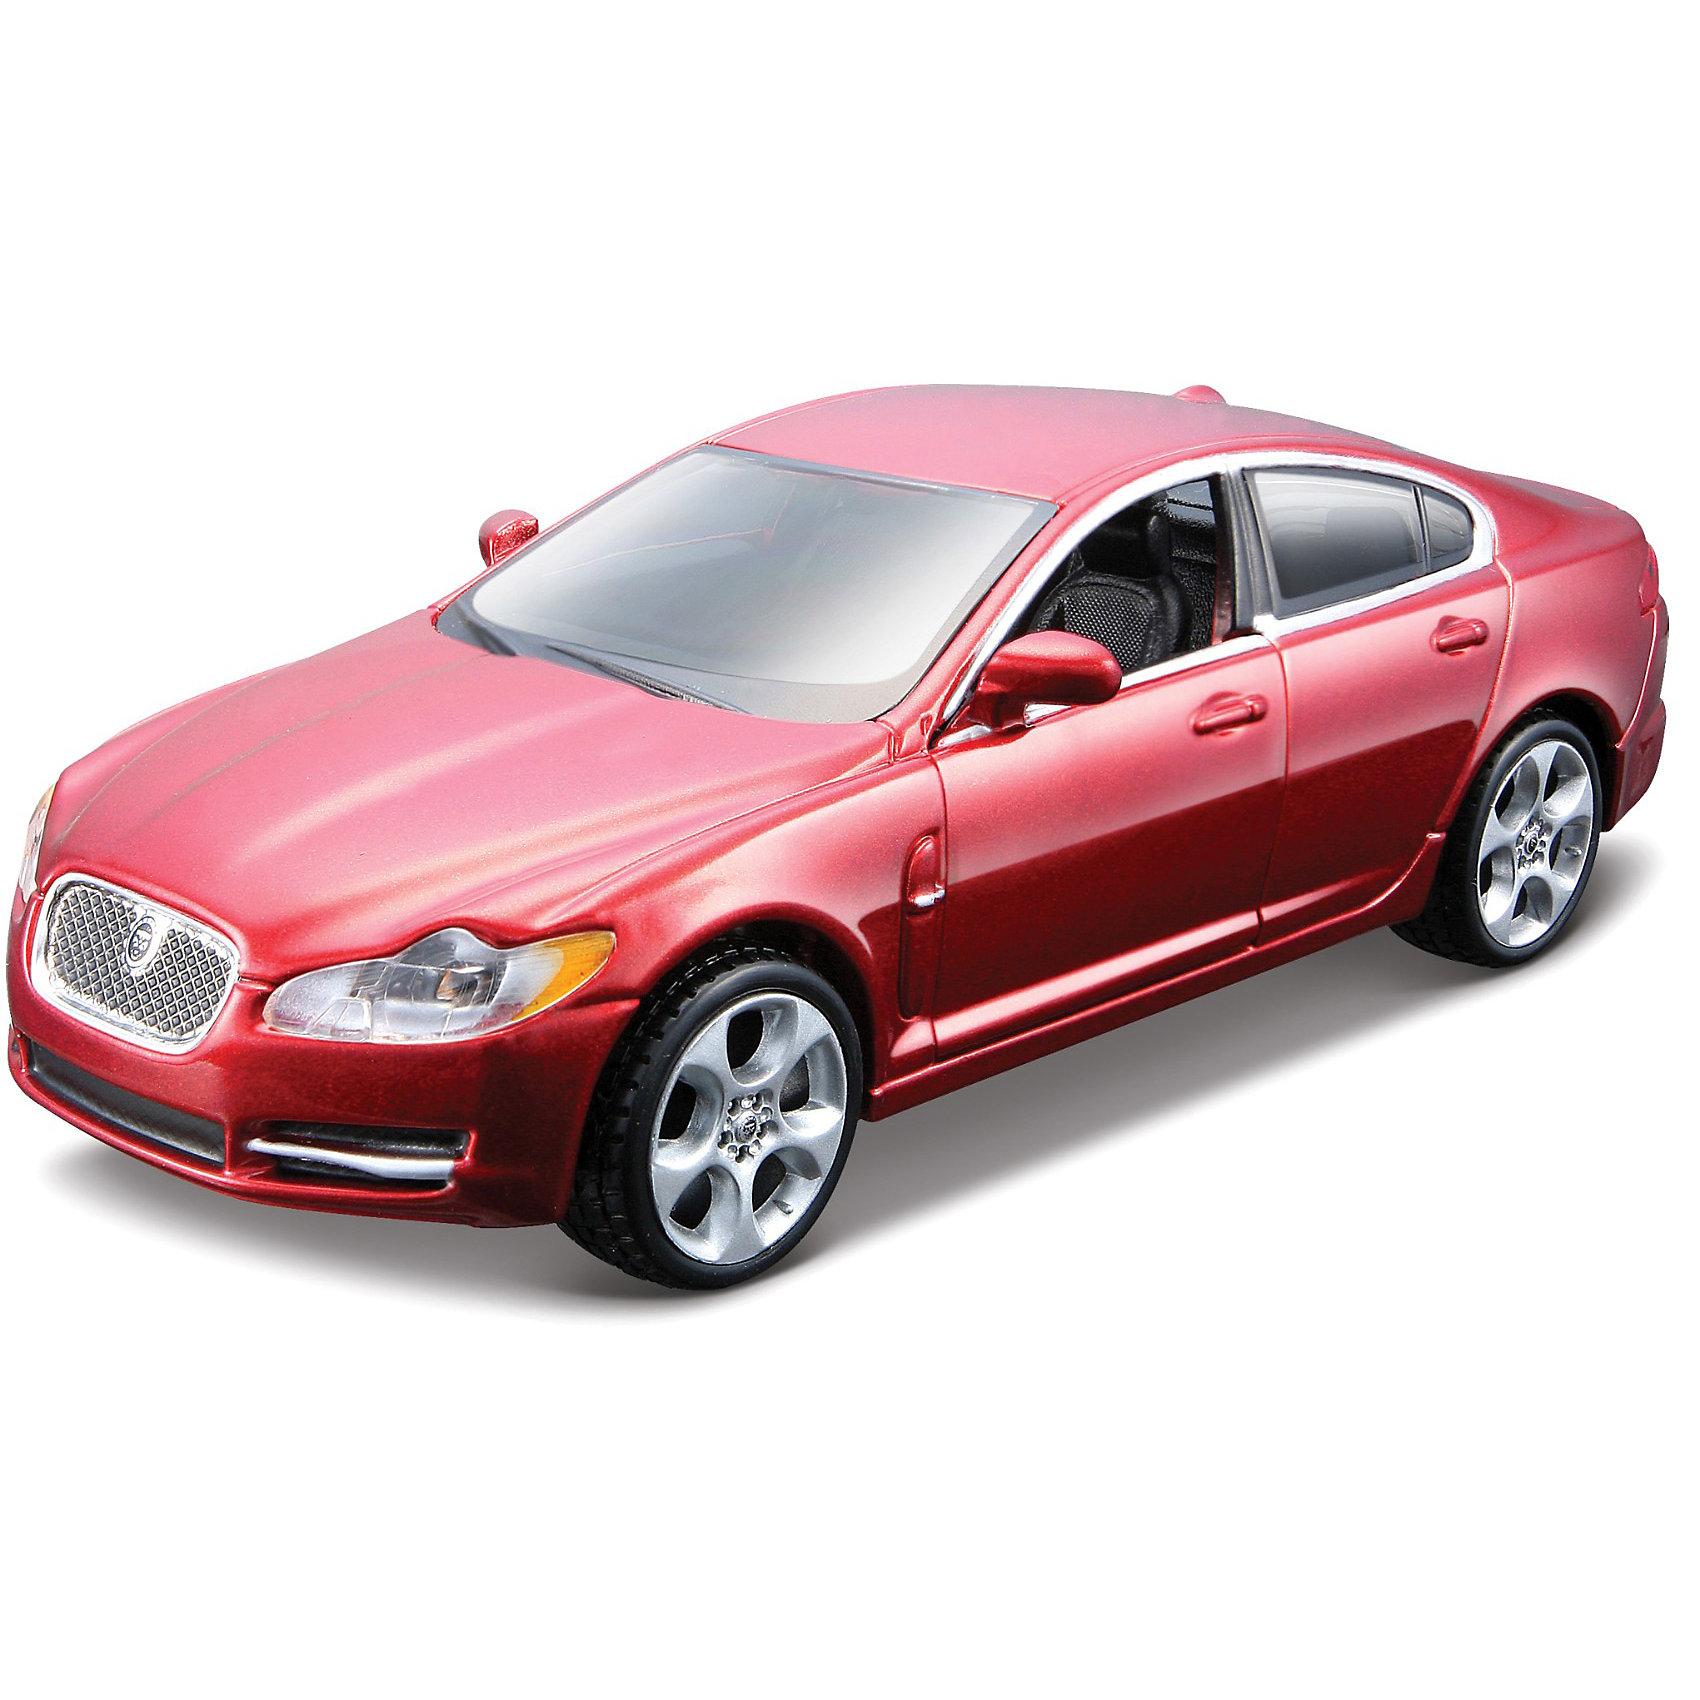 Машина JAGUAR XF металл., сборка, 1:32, BburagoМашина JAGUAR XF металл., сборка, 1:32, Bburago (Бураго)<br>Компания Bburago – мировой лидер в производстве коллекционных  моделей автомобилей.  <br>Более 30 лет профессиональные дизайнеры Bburago разрабатывают точные копии современных машин и ретро машин известных марок.  <br><br>Jaguar XF  — люксовый седан бизнес-класса/ спортивный седан, выпускаемый британской автомобилестроительной компанией Jaguar с 2008 года. Является преемником Jaguar S-type. XF был впервые представлен в 2007 на Франкфуртском автосалоне.<br><br>Функциональность игрушки: <br><br>- Собирается с помощью отвертки.<br>- Двери и капот открываются, руль вращается.<br><br>Коллекционная модель JAGUAR XF, 1:32, Bburago понравится даже самому искушенному автолюбителю!<br><br>Дополнительная информация:<br><br>- Цельнометаллический литой корпус.<br>- Материал: Металл, пластик<br>- Размеры упаковки: 19,5 х 10 х 7 см<br>- Цвет: ярко - красный.<br>- Вес: 0,3 кг.<br><br>Игрушку Машина JAGUAR XF металл., сборка, 1:32, Bburago можно купить в нашем интернет-магазине.<br><br>Ширина мм: 195<br>Глубина мм: 70<br>Высота мм: 100<br>Вес г: 300<br>Возраст от месяцев: 144<br>Возраст до месяцев: 1164<br>Пол: Мужской<br>Возраст: Детский<br>SKU: 3369443